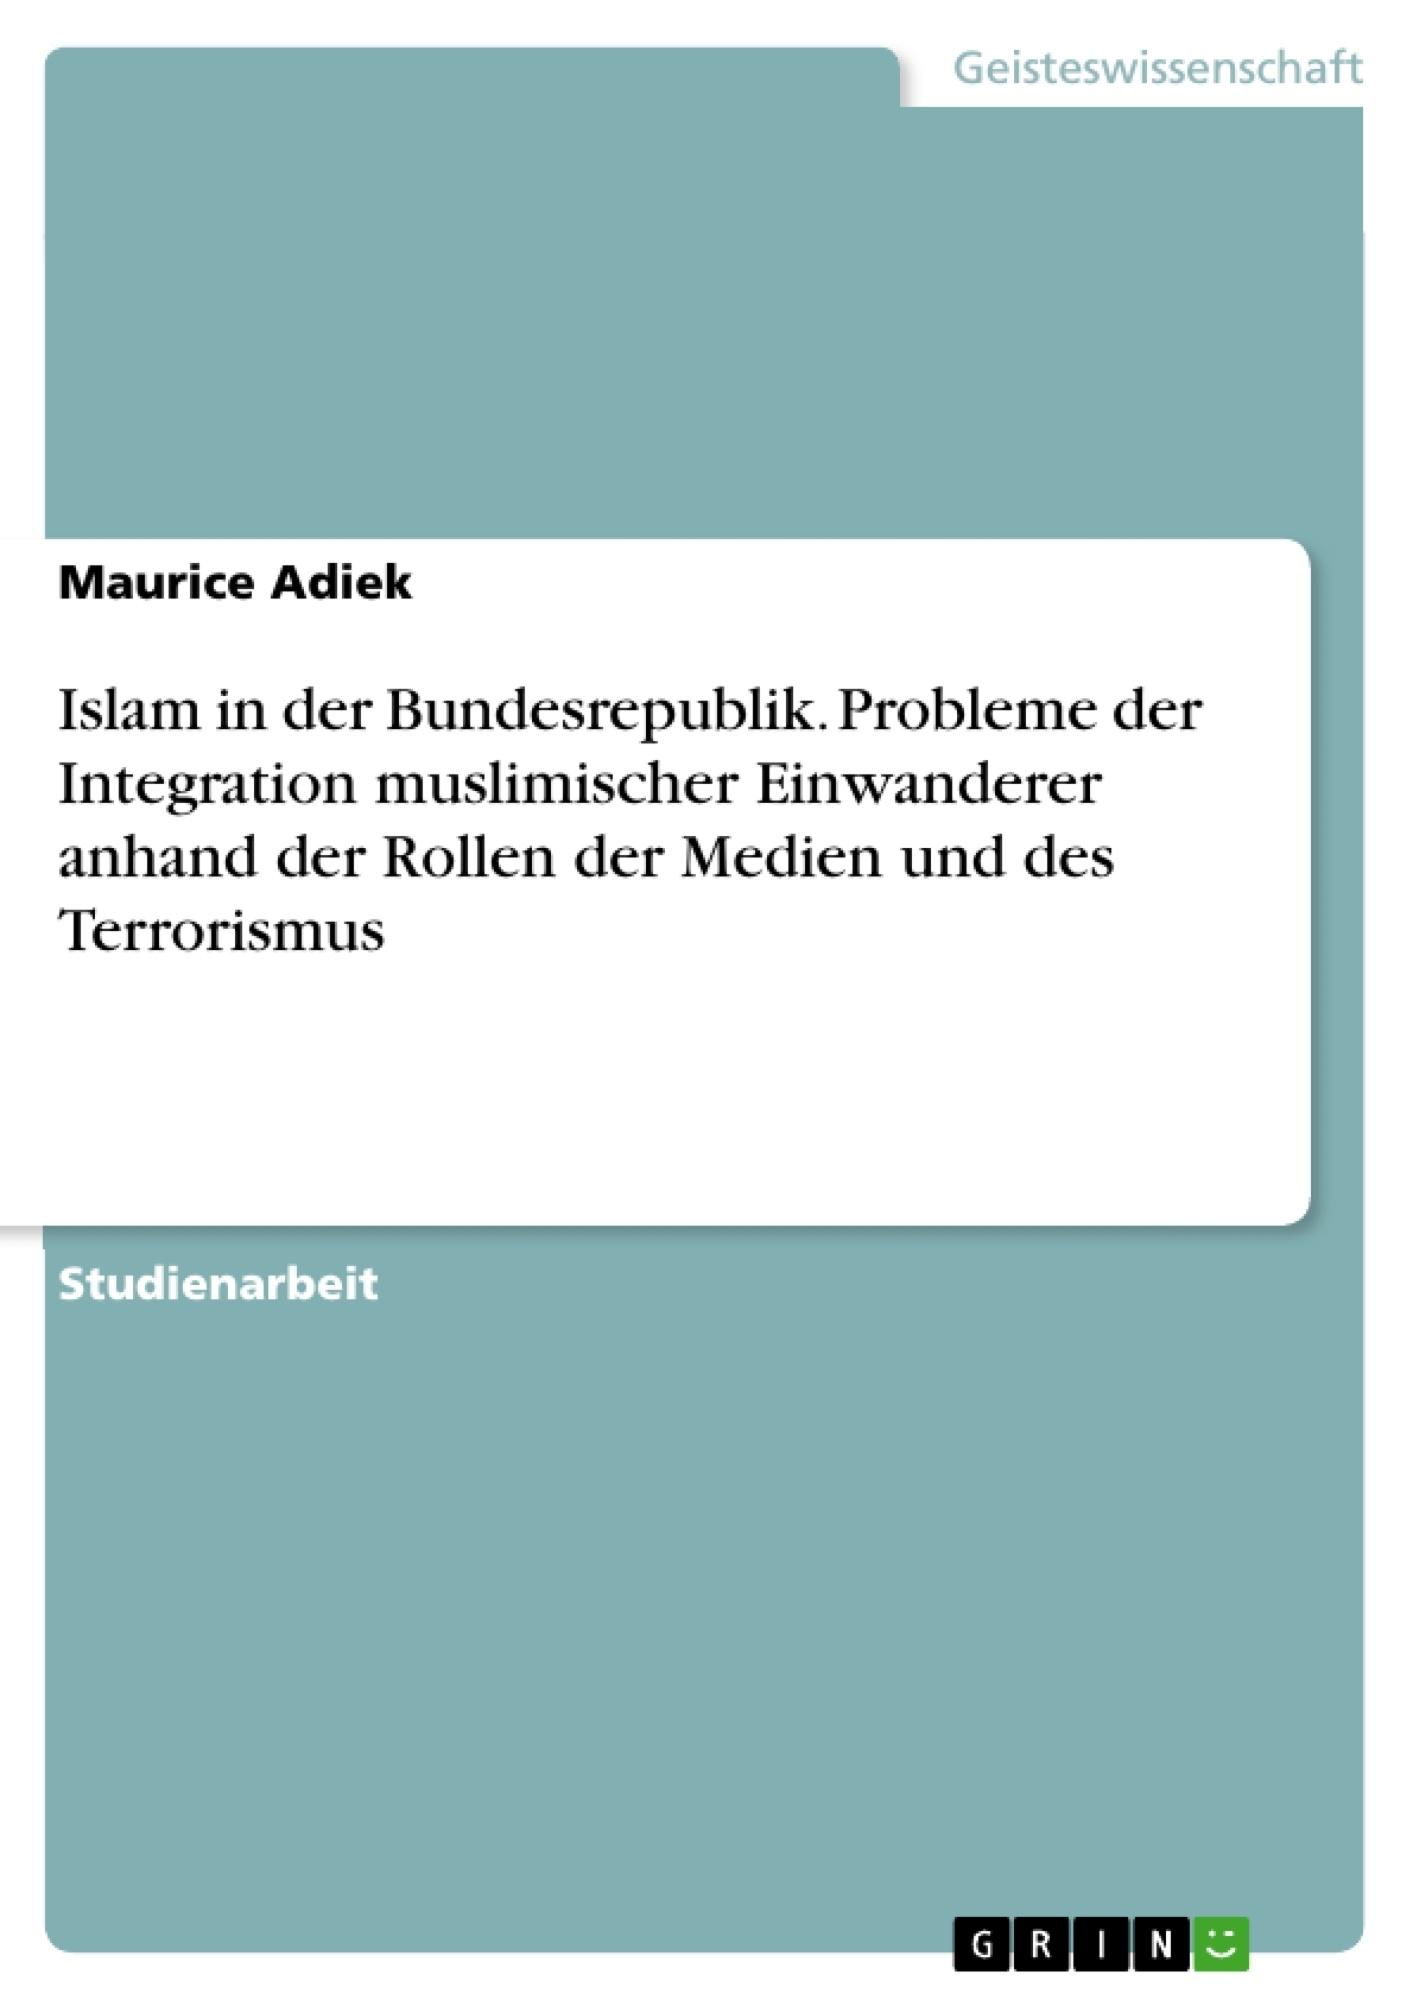 Titel: Islam in der Bundesrepublik. Probleme der Integration muslimischer Einwanderer anhand der Rollen der Medien und des Terrorismus